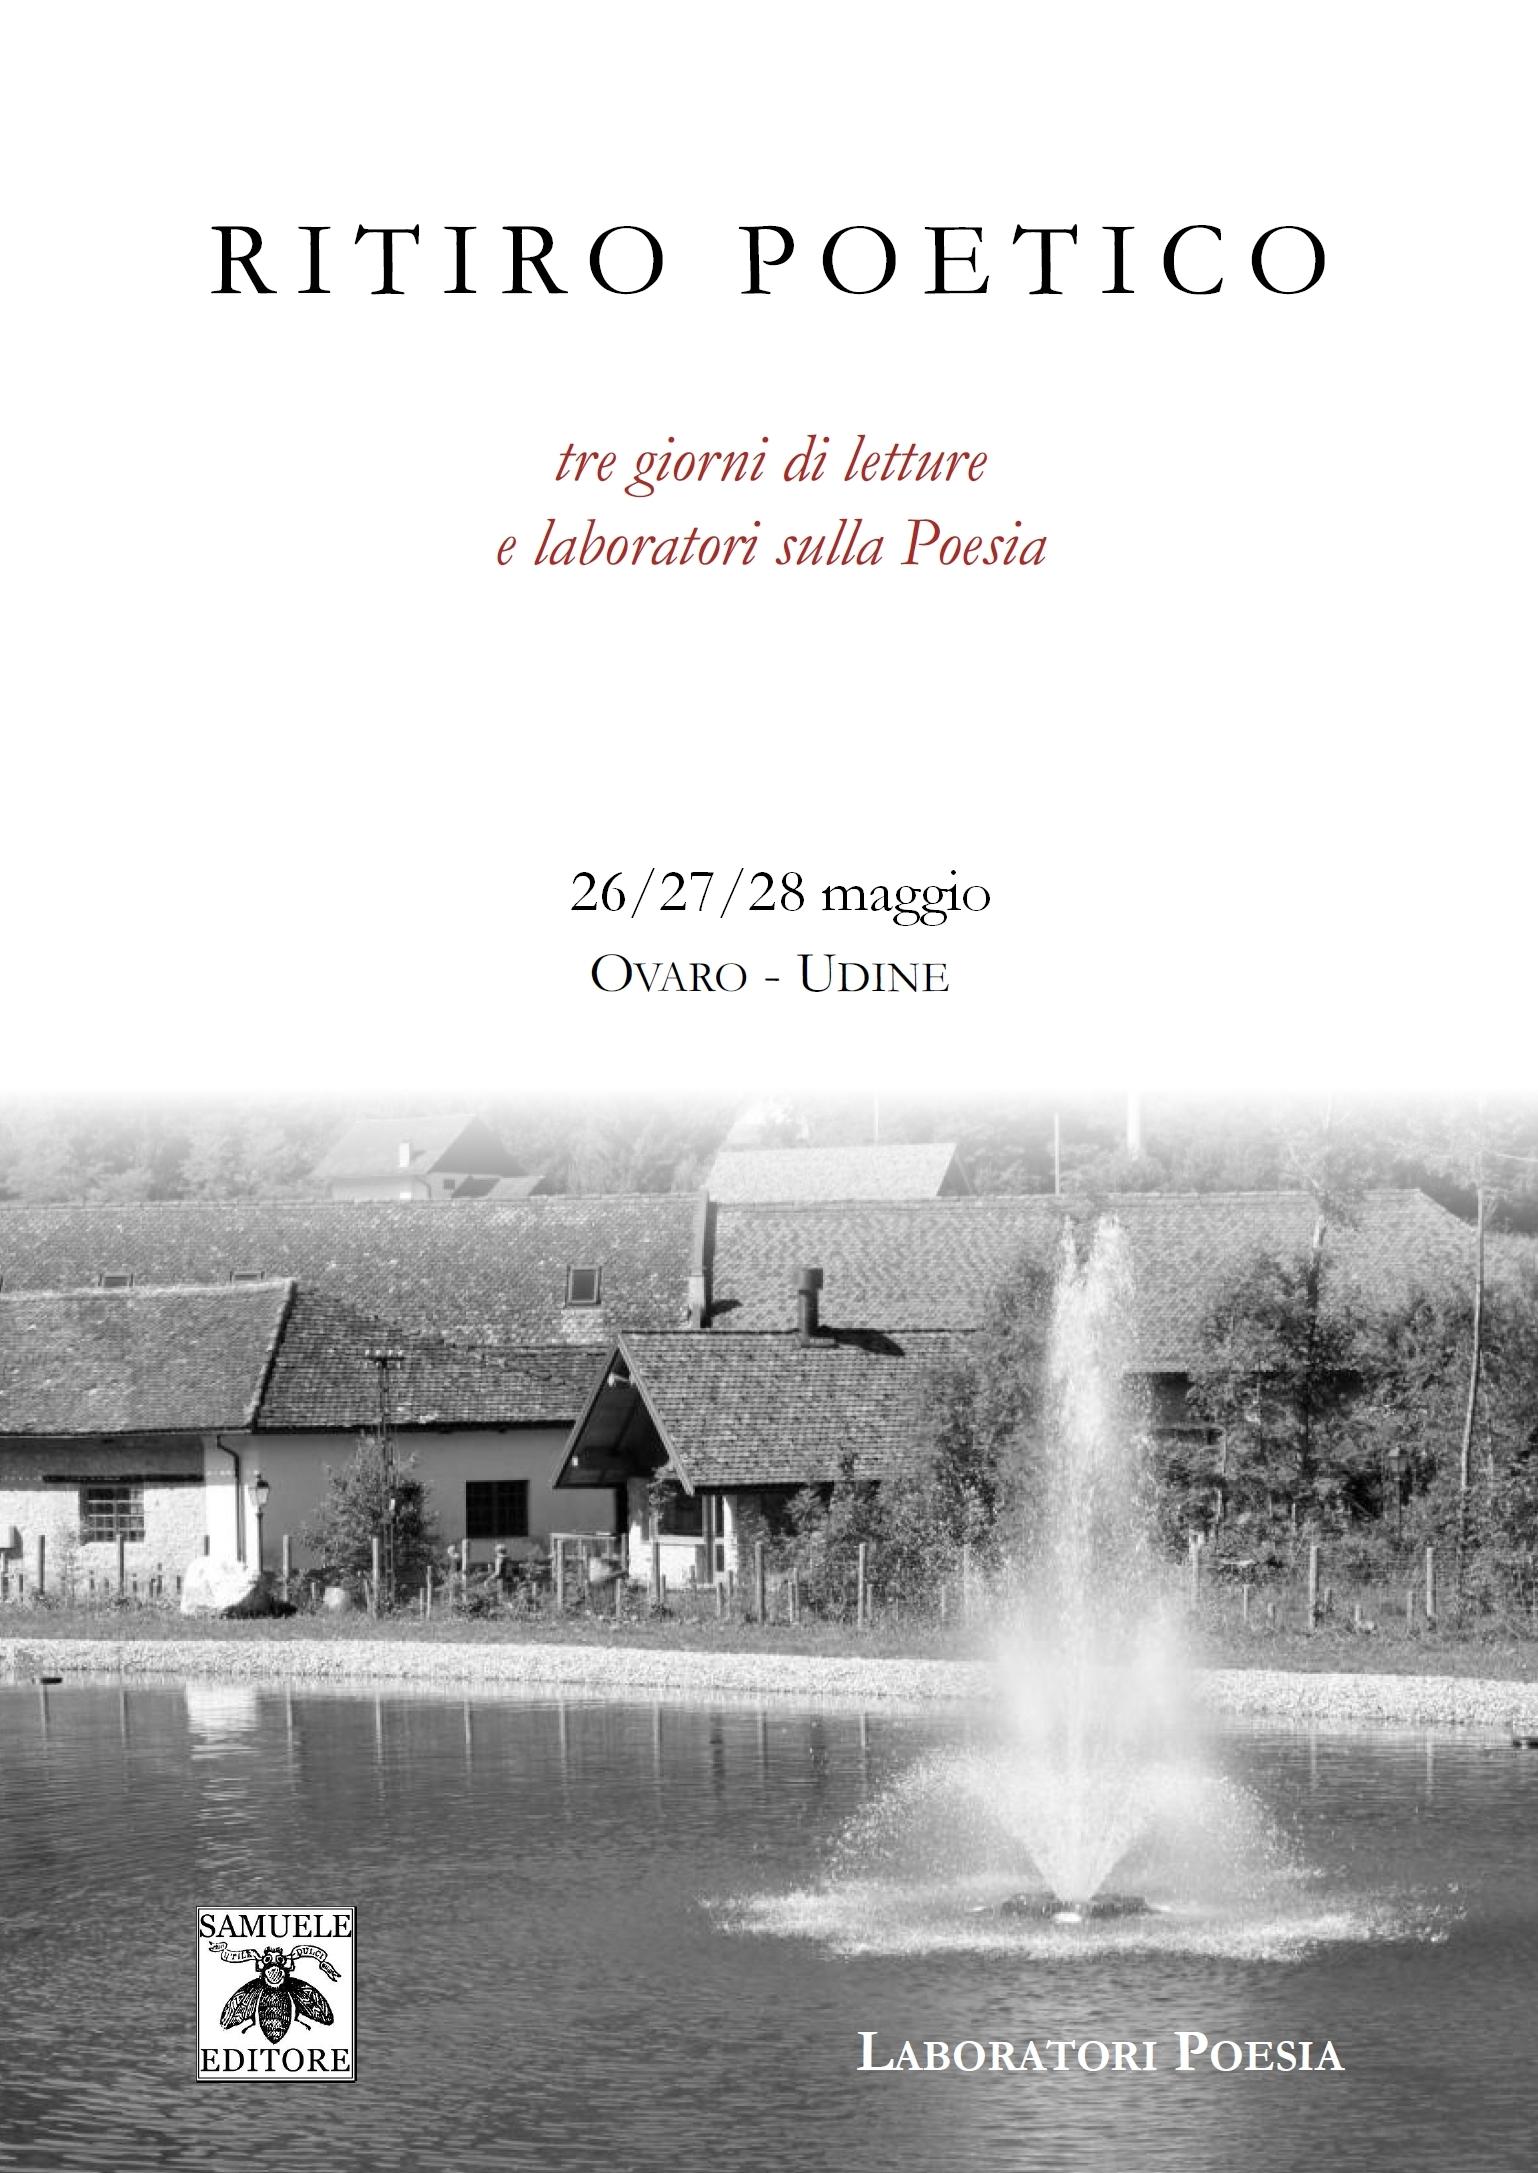 Ritiro Poetico a Ovaro – Udine